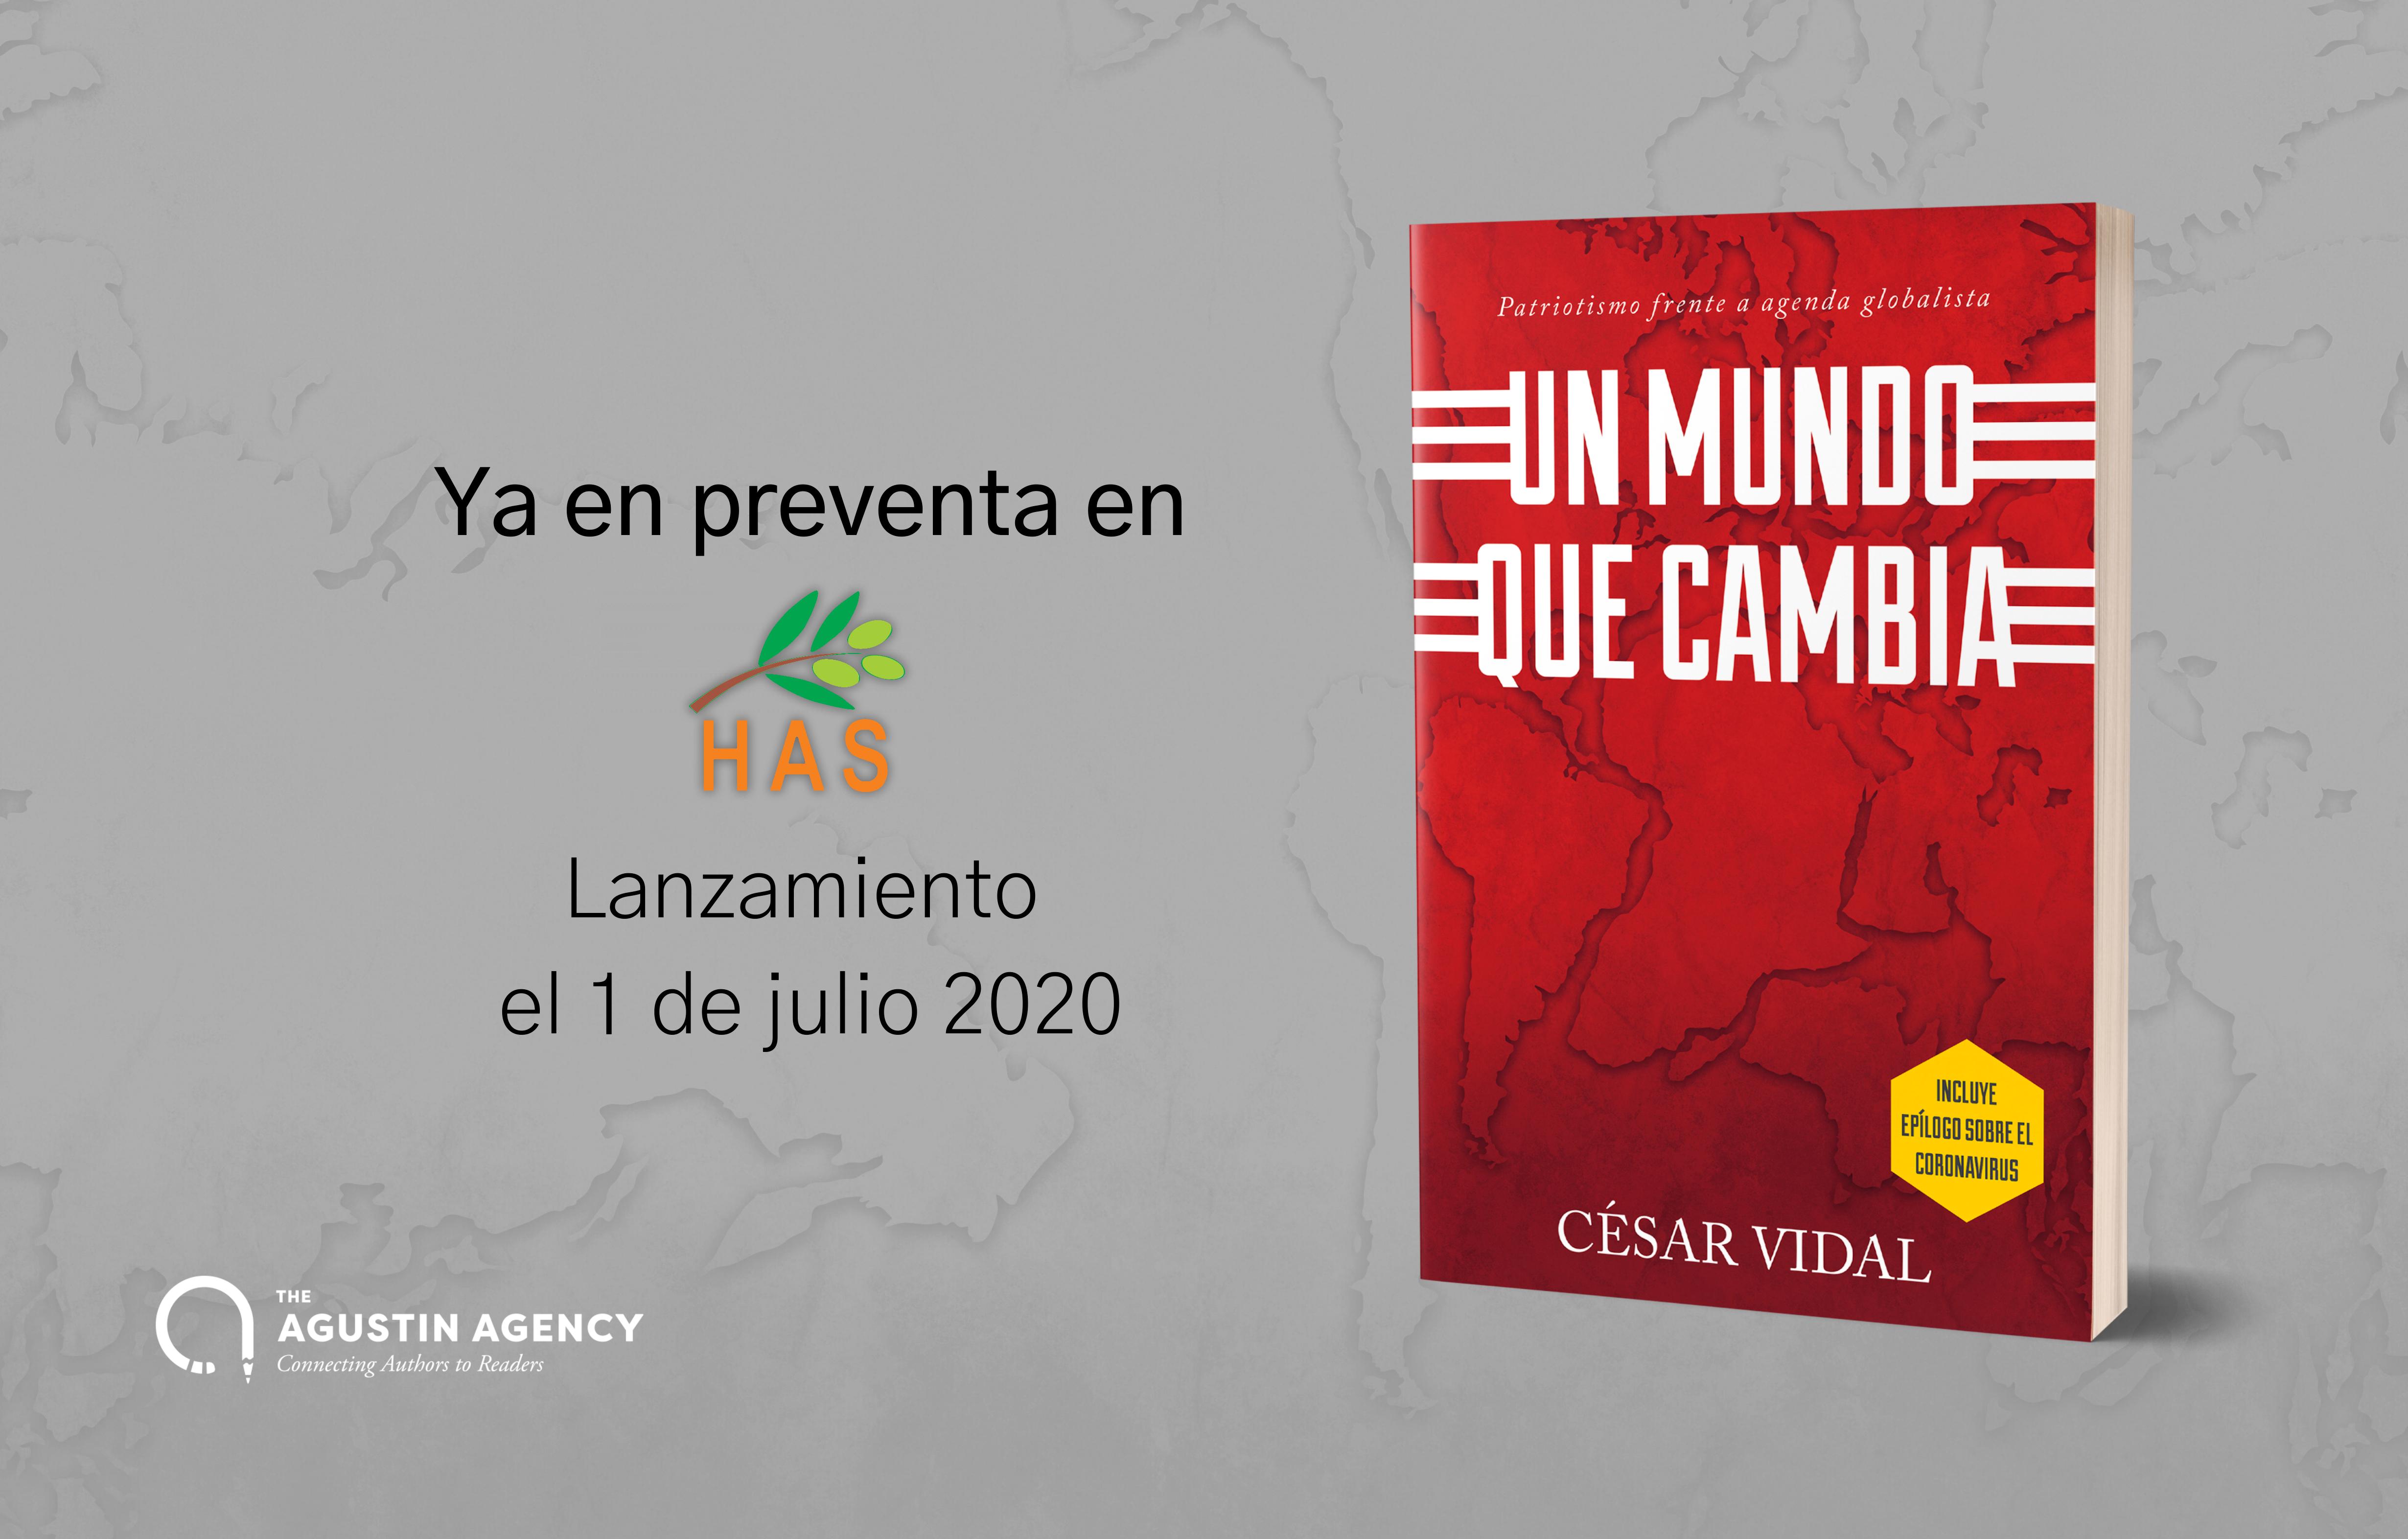 Ya puedes reservar el libro de César Vidal Un mundo que cambia en HAS